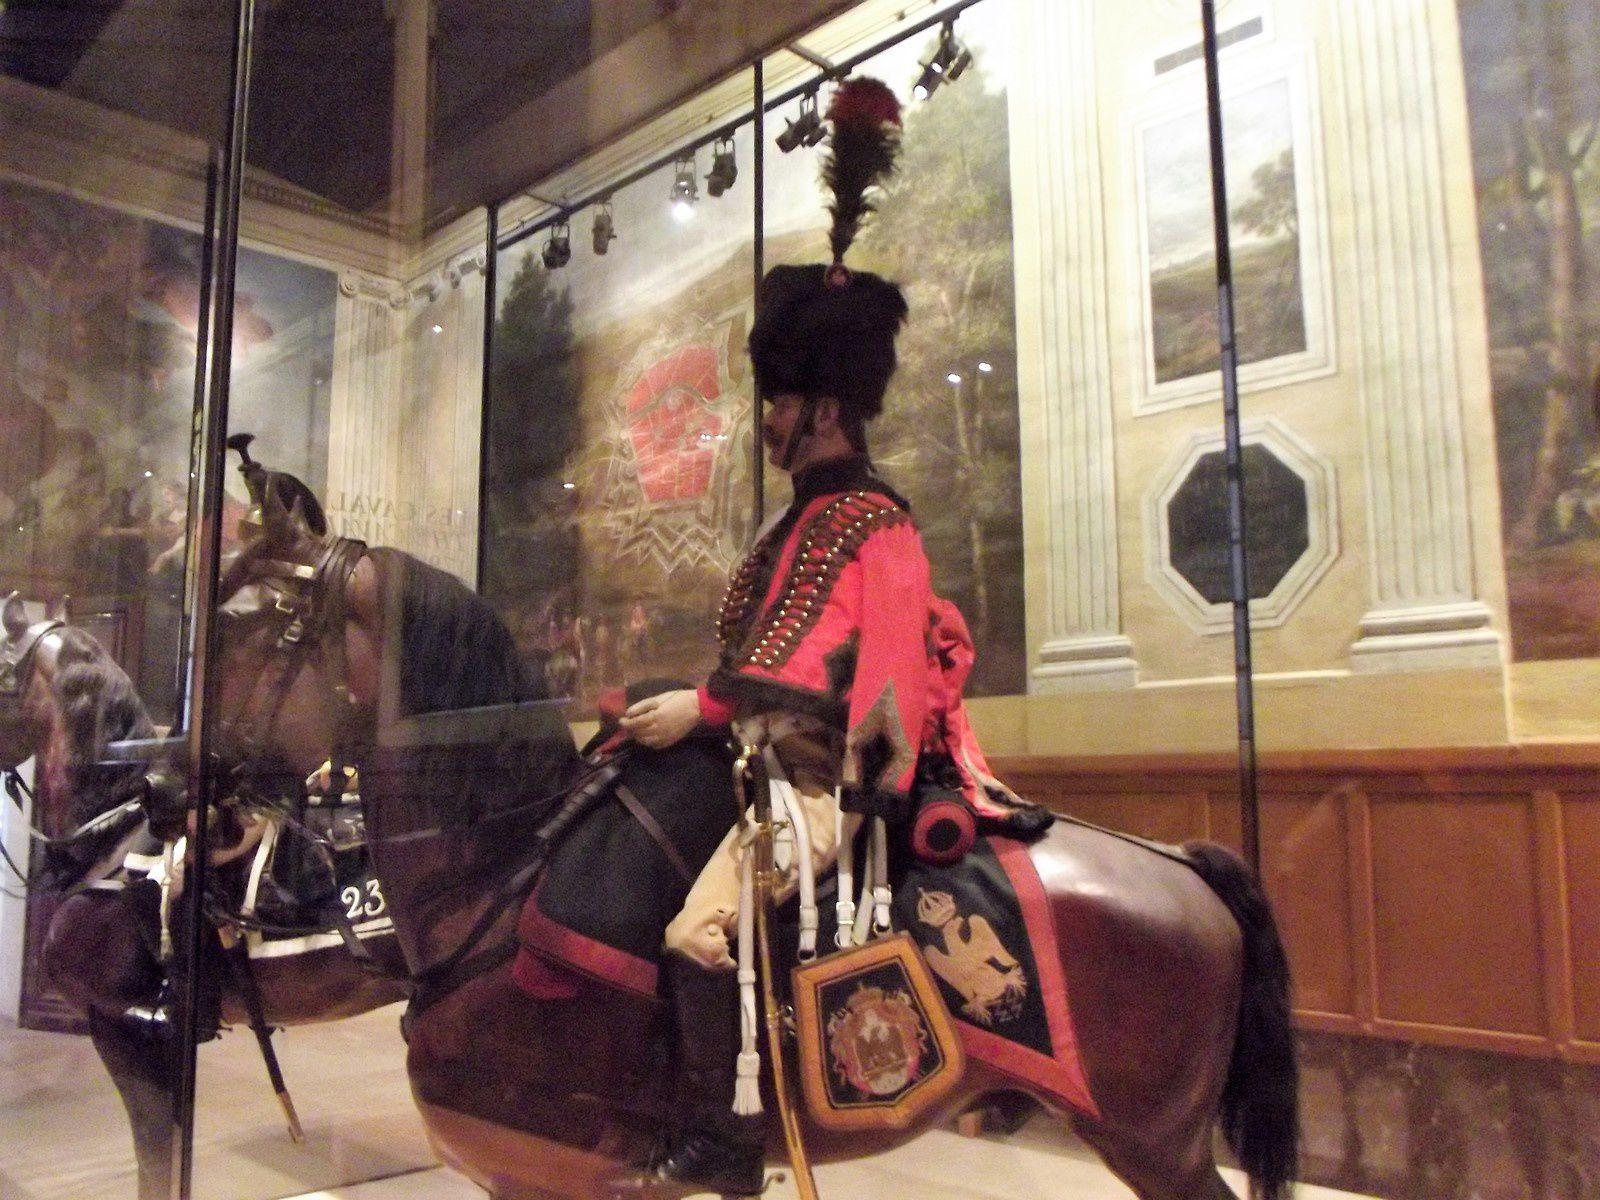 VISITE AU MUSEE DE L'ARMEE 10 AOUT 2017 (1)